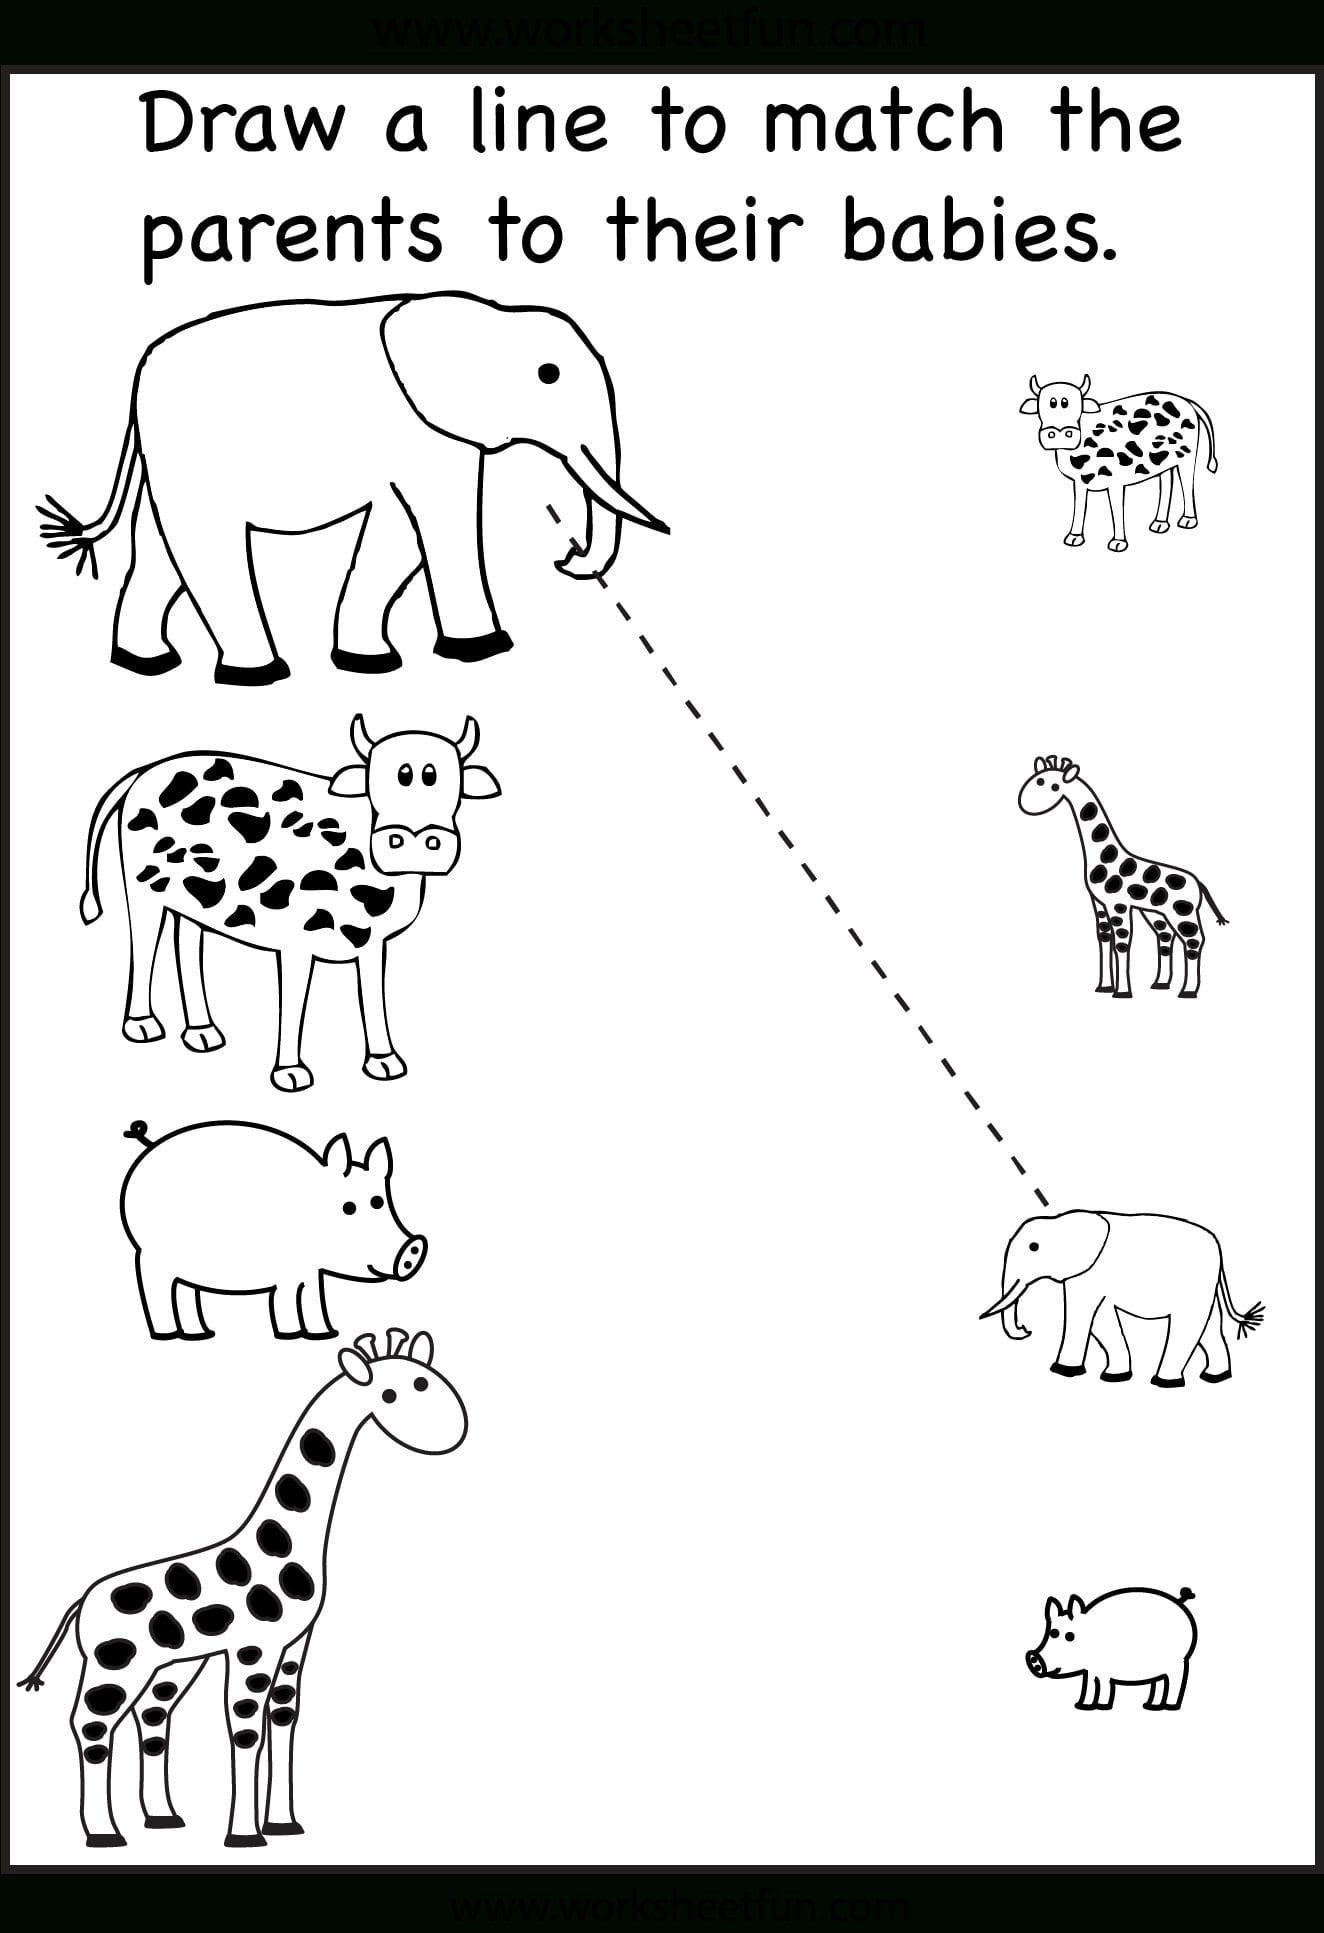 Preschool Matching Worksheets  Free Printable Worksheets – Worksheetfun Intended For Preschool Matching Worksheets